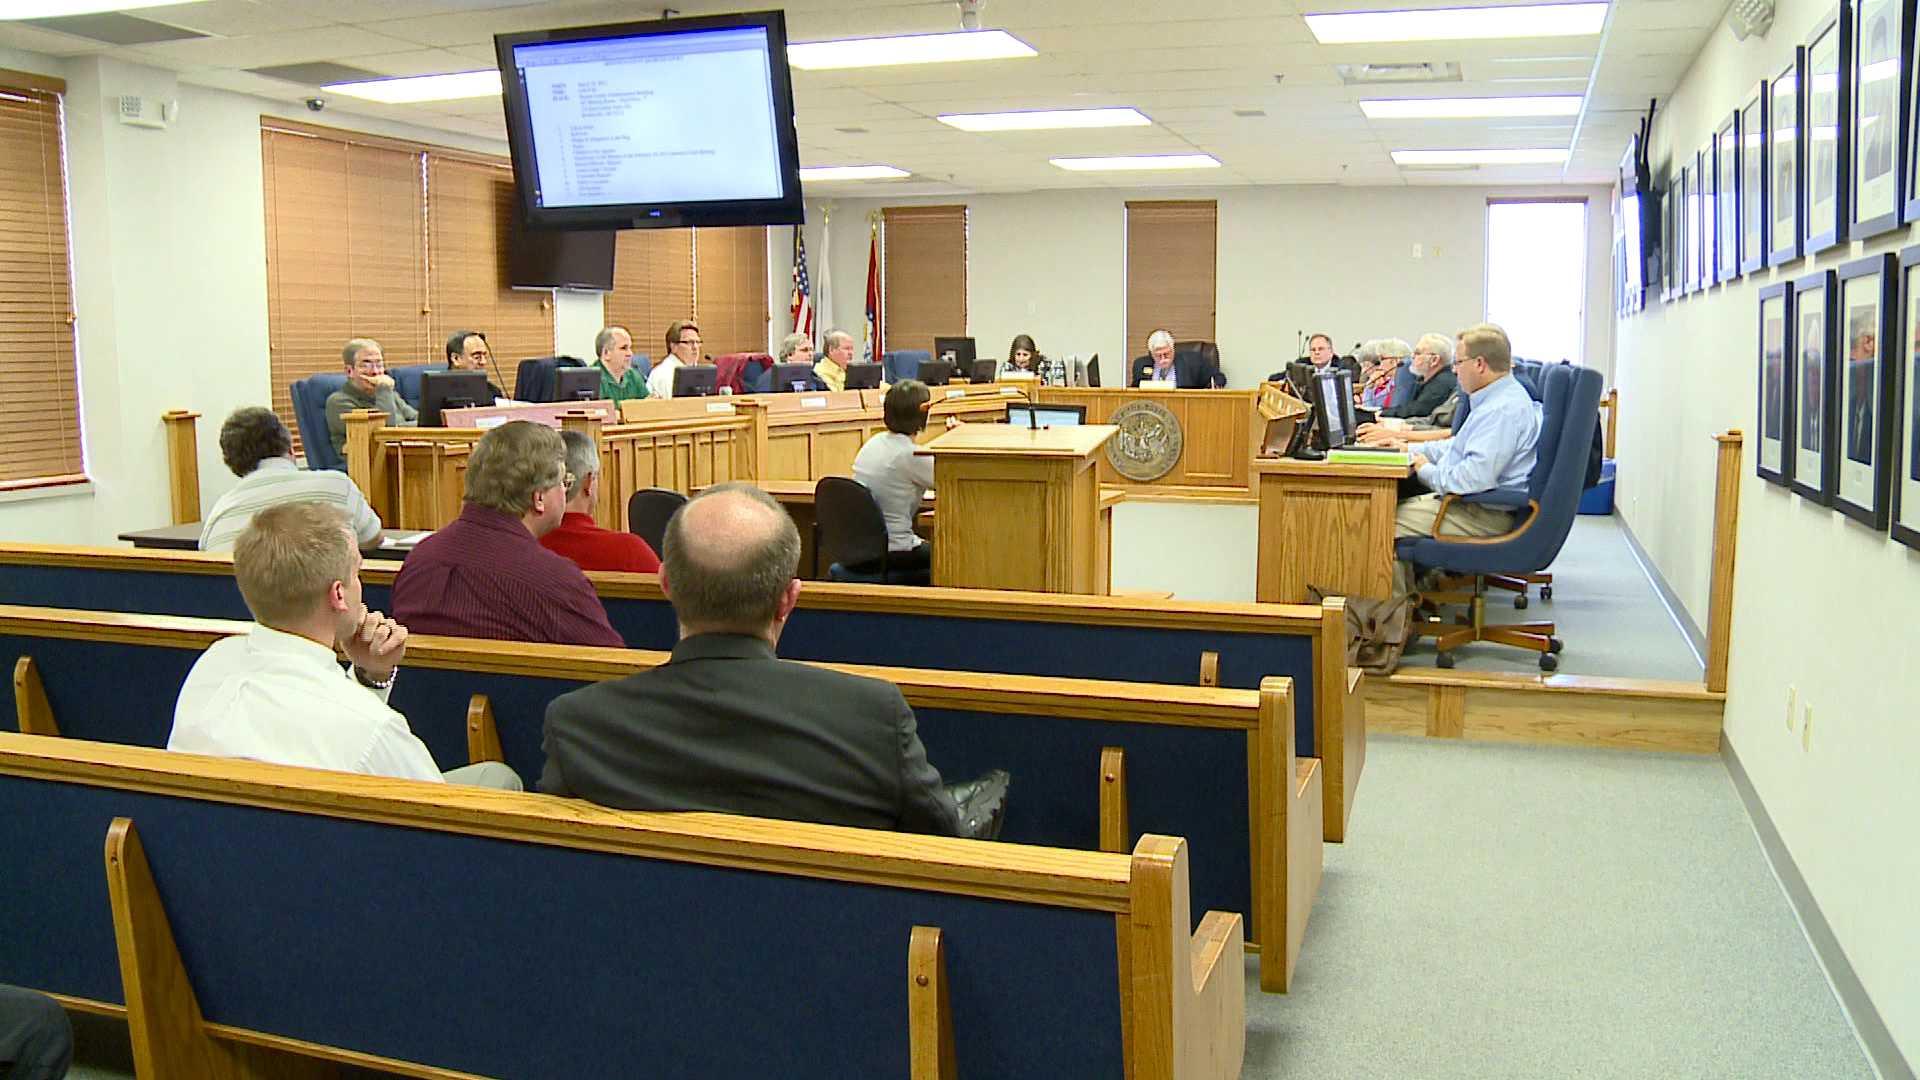 Benton County Quorum Court